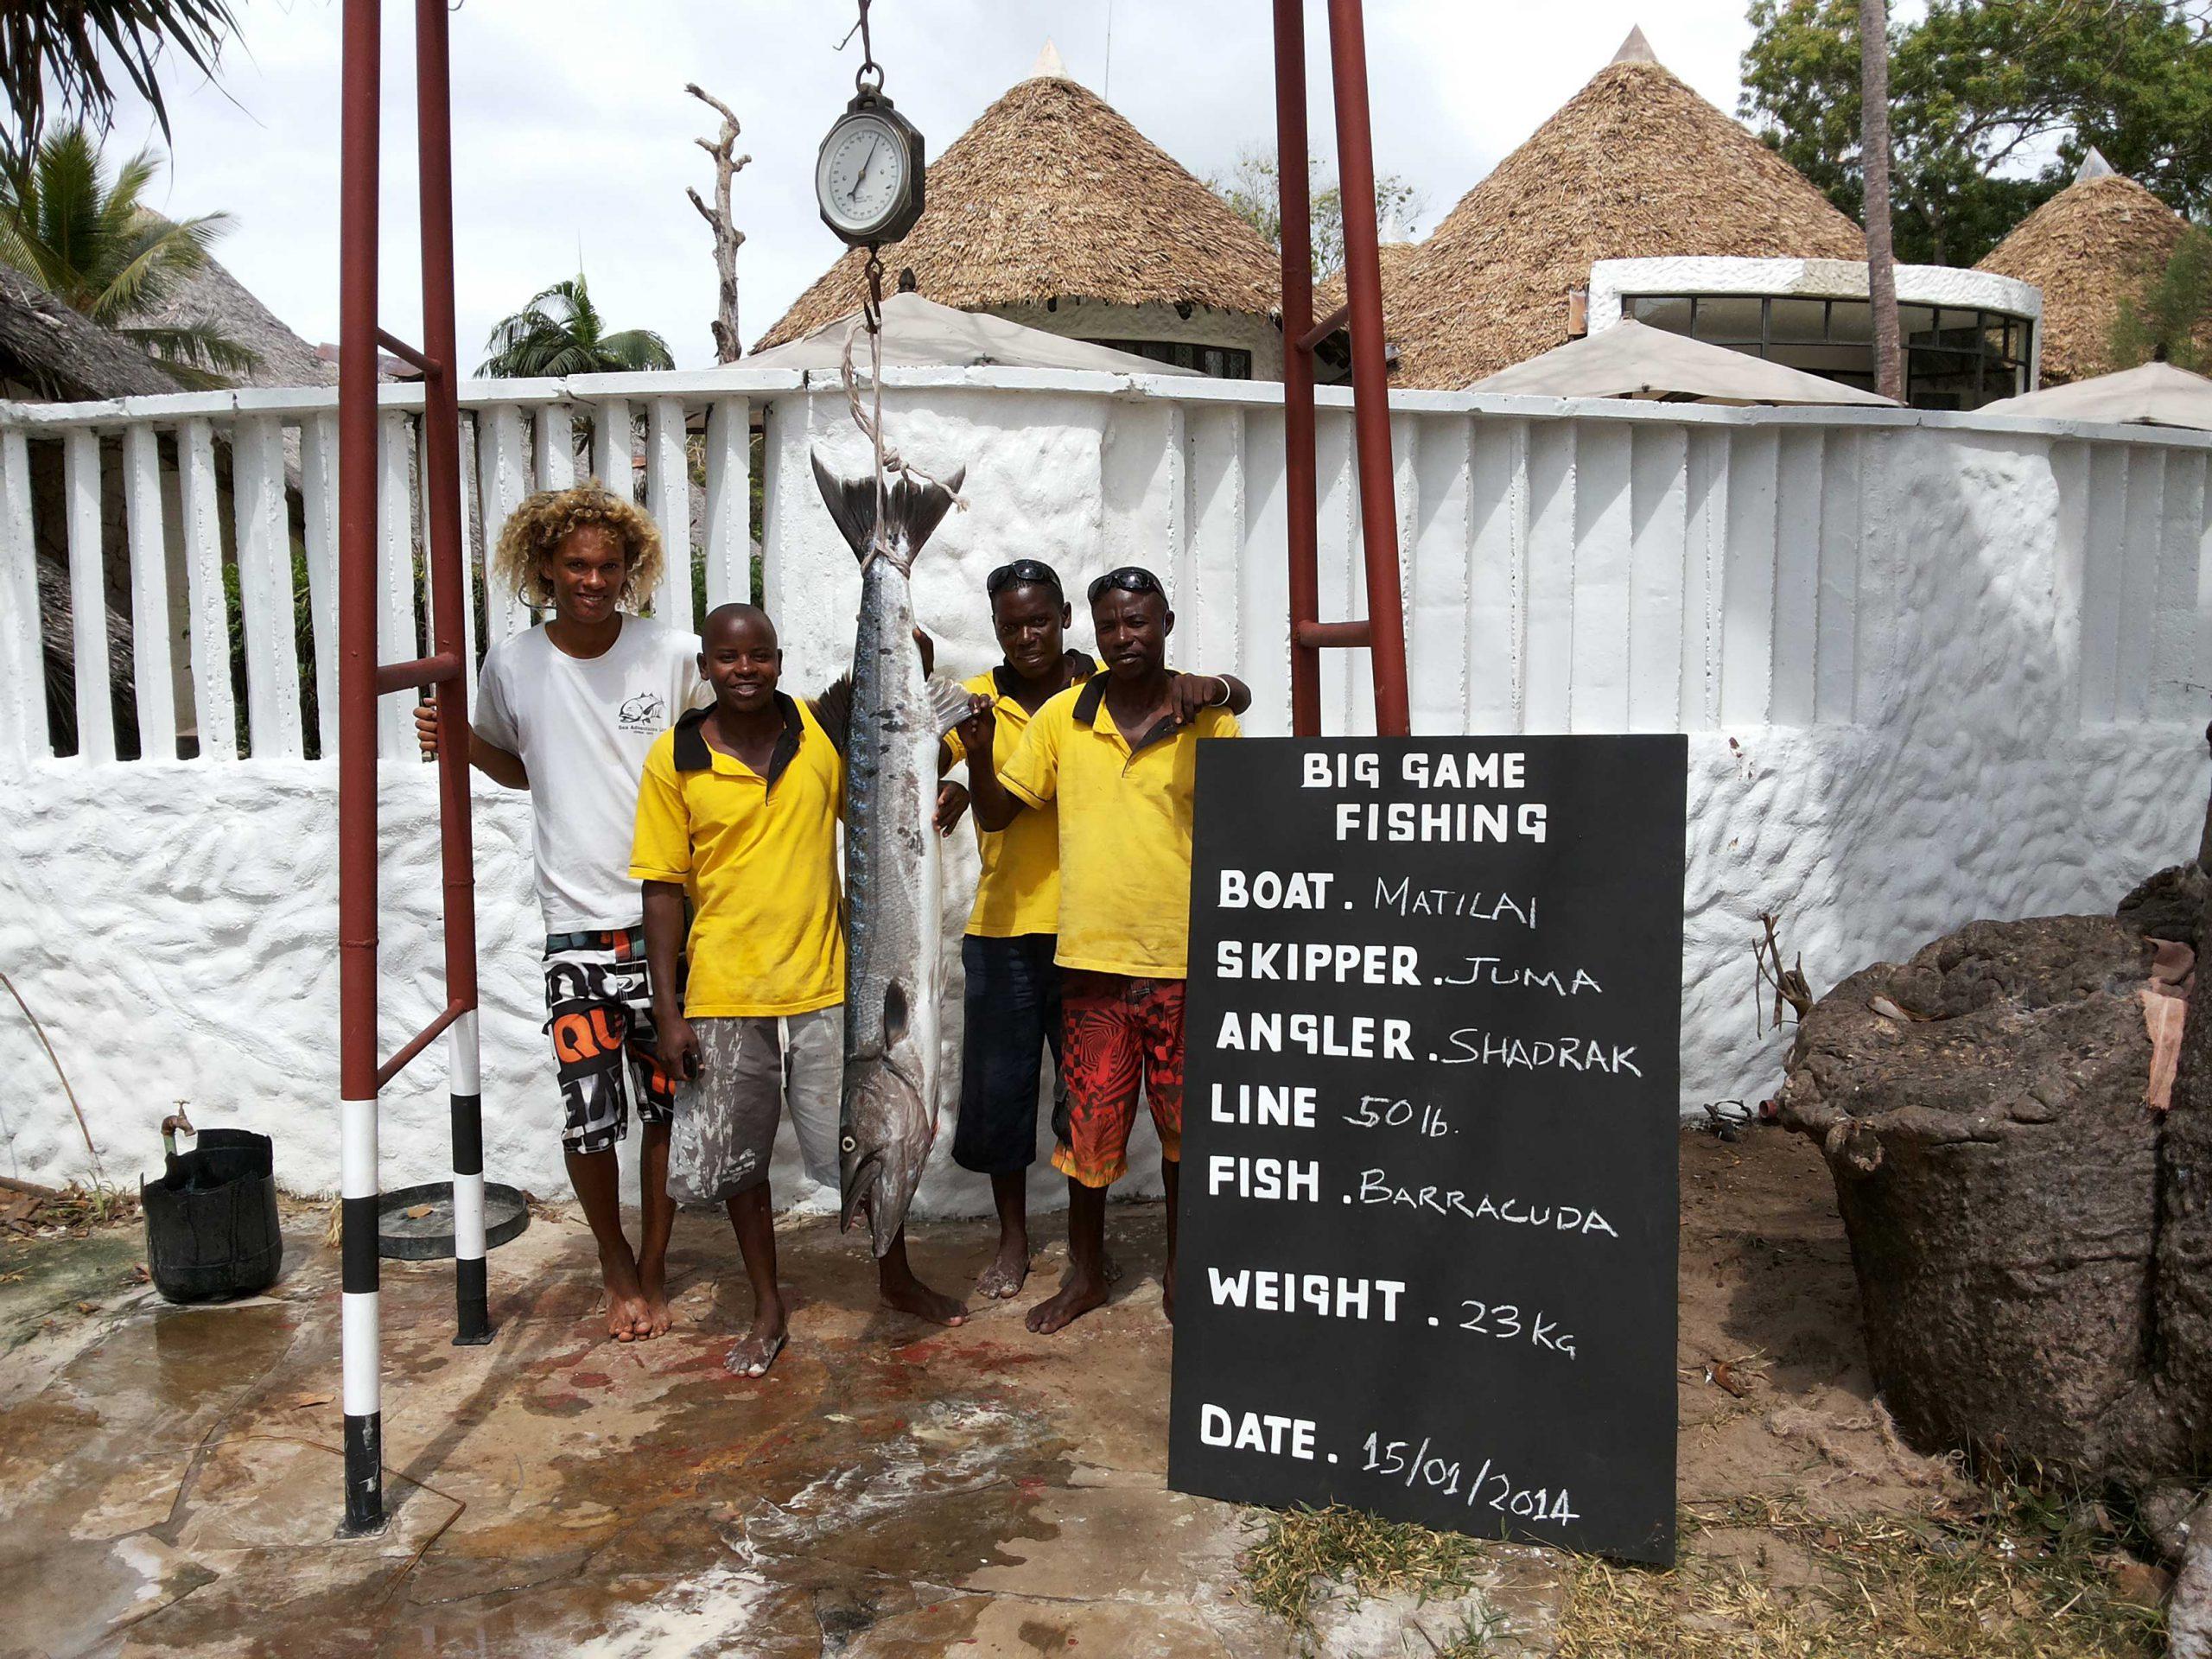 Catch a big game fish in Diani